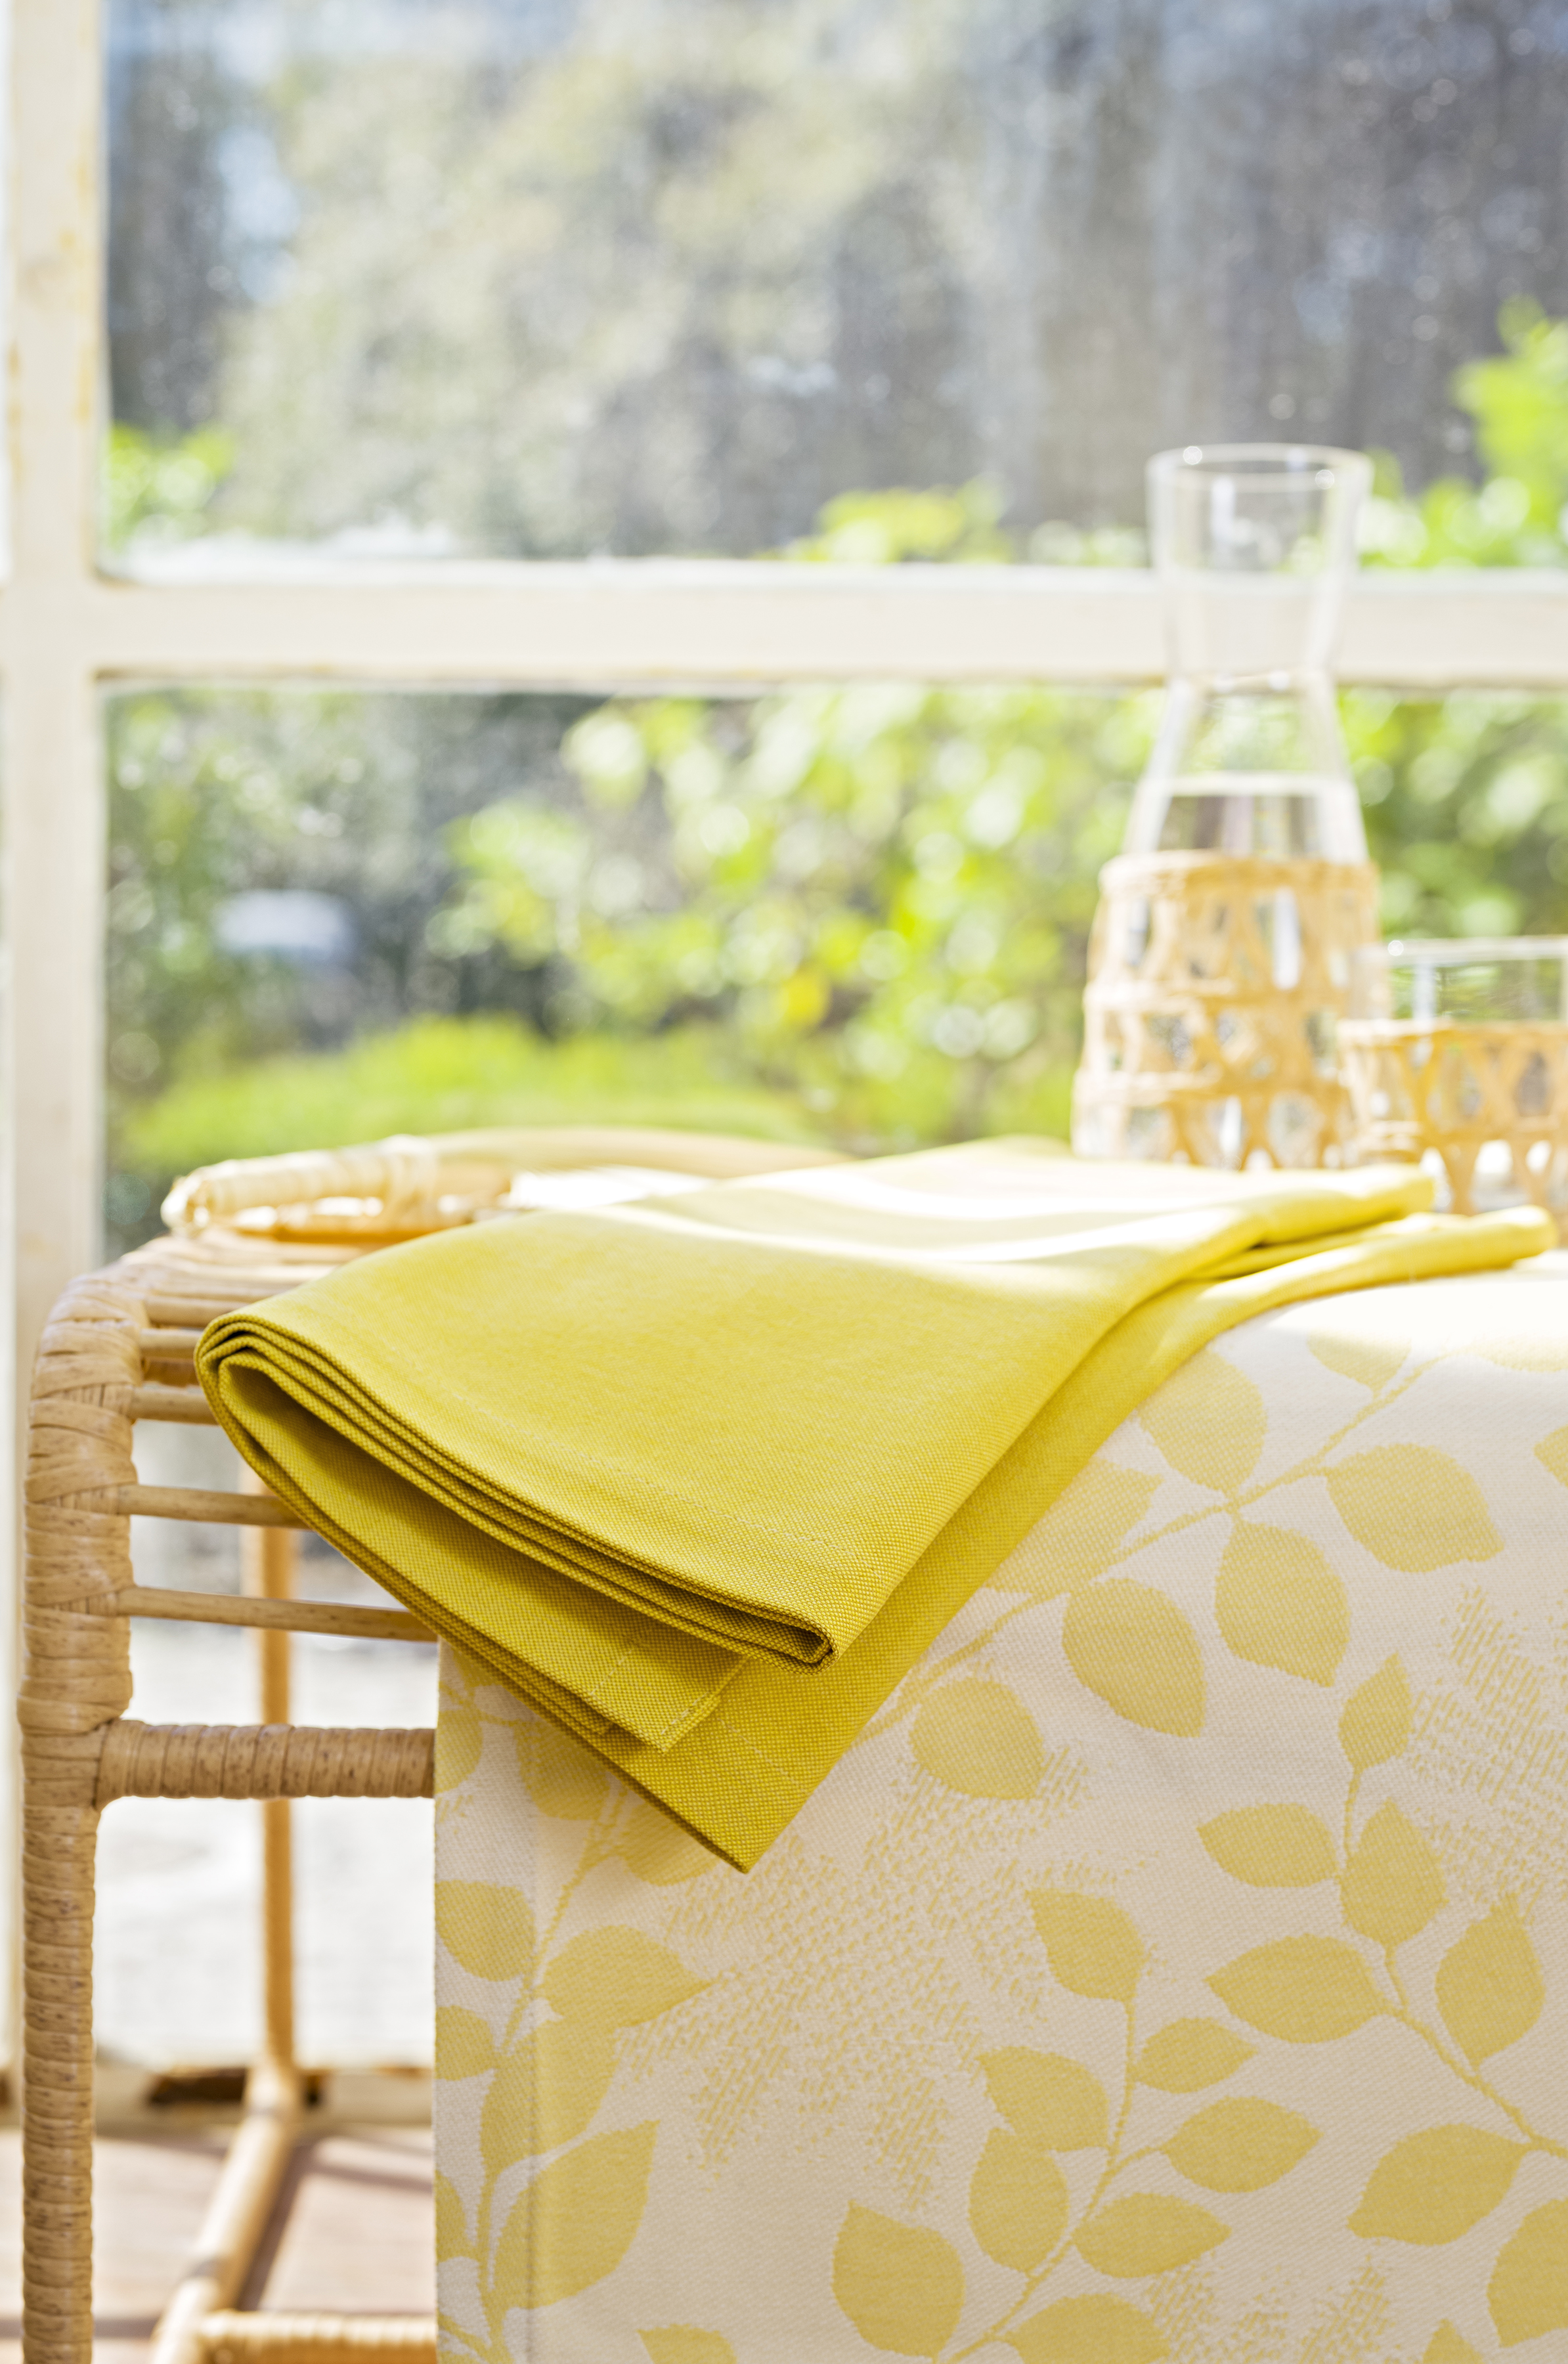 Chemins de table outdoor moutarde - Lot de 2 - 145x40